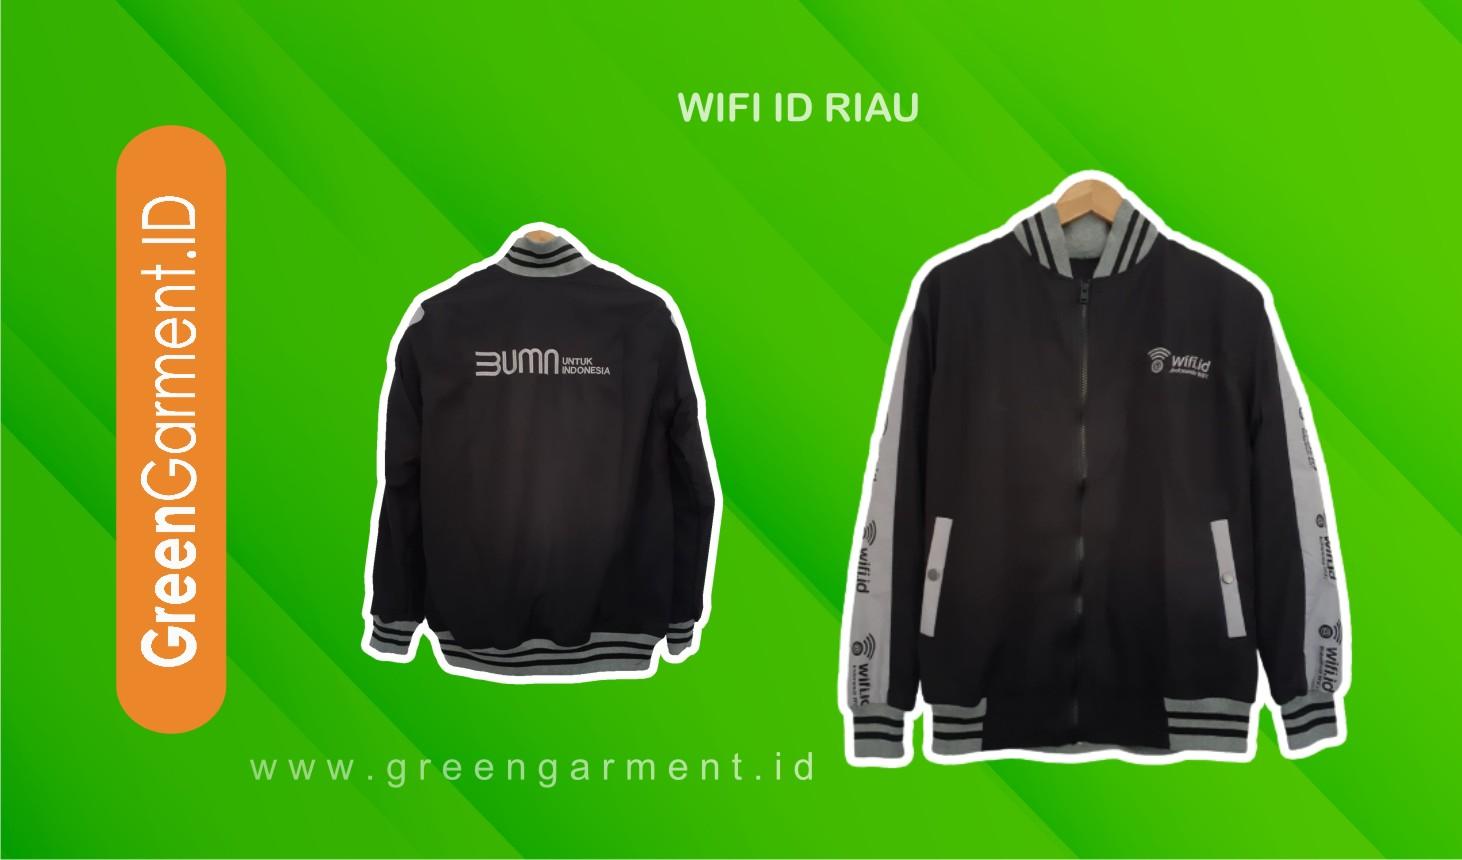 Wifi ID Riau Green Garment